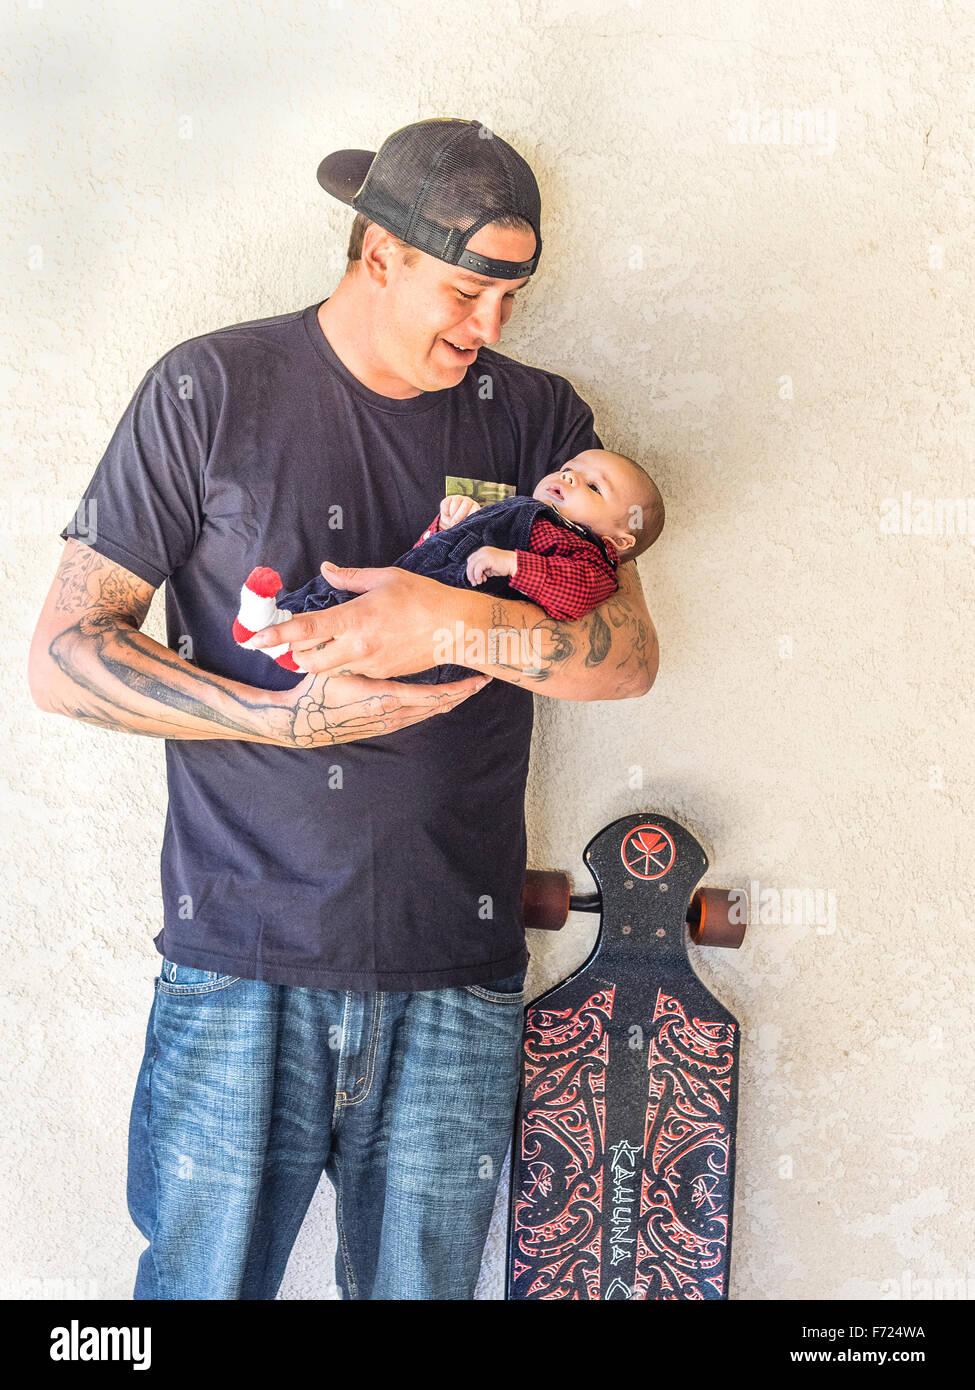 Tausendjährige Vater Skateboarding mit Tattoos halten sein kleiner Sohn 2 1/2 Monat und steht neben der Papa Skateboard. Stockfoto